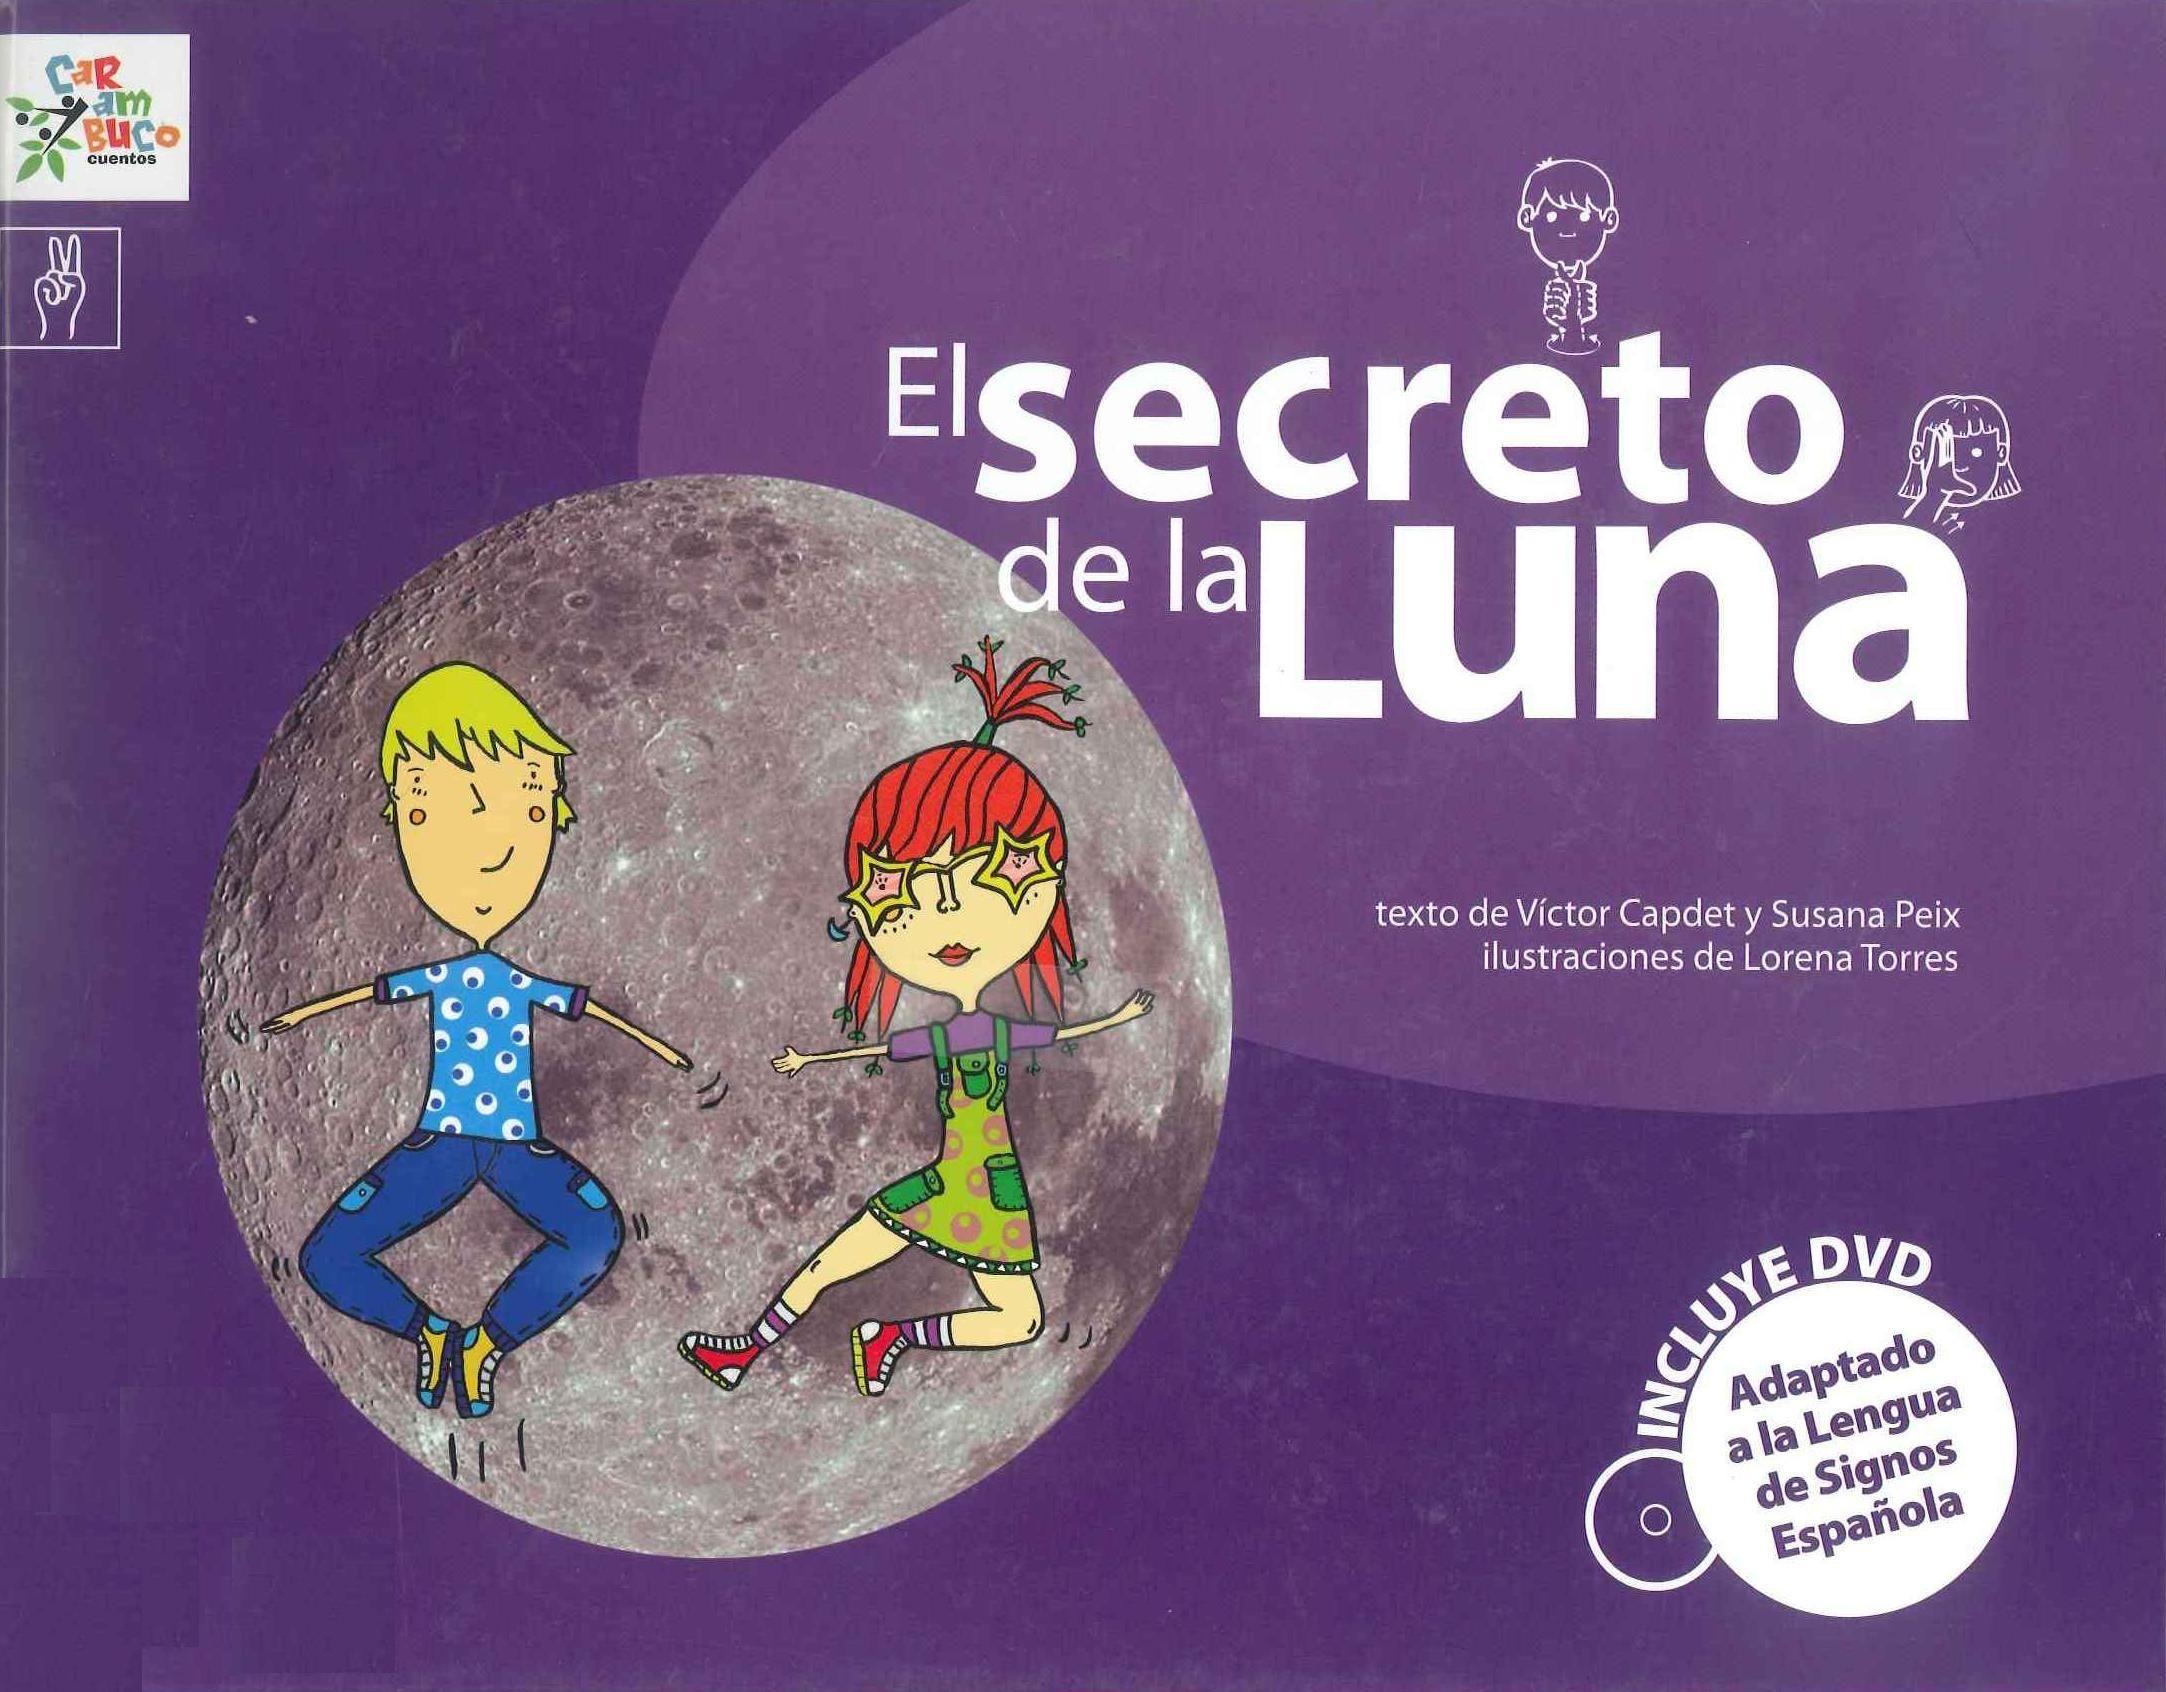 EL SECRETO DE LA LUNA / Susana Peix y Víctor Capdet (libro+dvd). Guiomar y Martin observan el cielo horas y horas, las estrellas, las nubes y su gran amiga, la Luna. Con fantasía y mucha imaginación intentarán descubrir... ¿qué le pasa a la Luna? Búscalo en http://absys.asturias.es/cgi-abnet_Bast/abnetop?ACC=DOSEARCH&xsqf01=luna+capdet #lse #lenguadesignos #cuentosadaptados